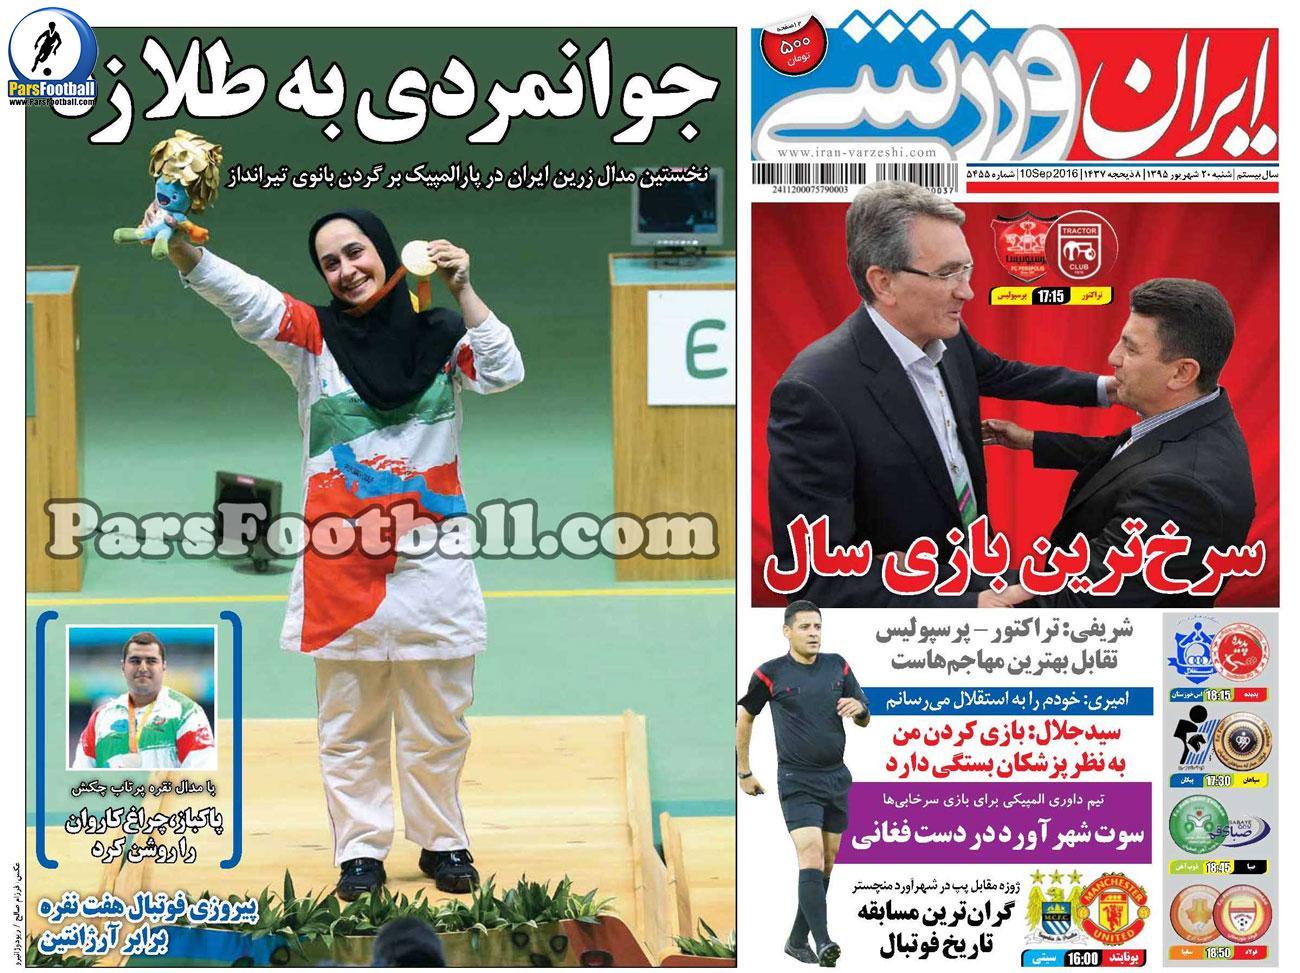 روزنامه ایران ورزشی شنبه 20 شهریور 95